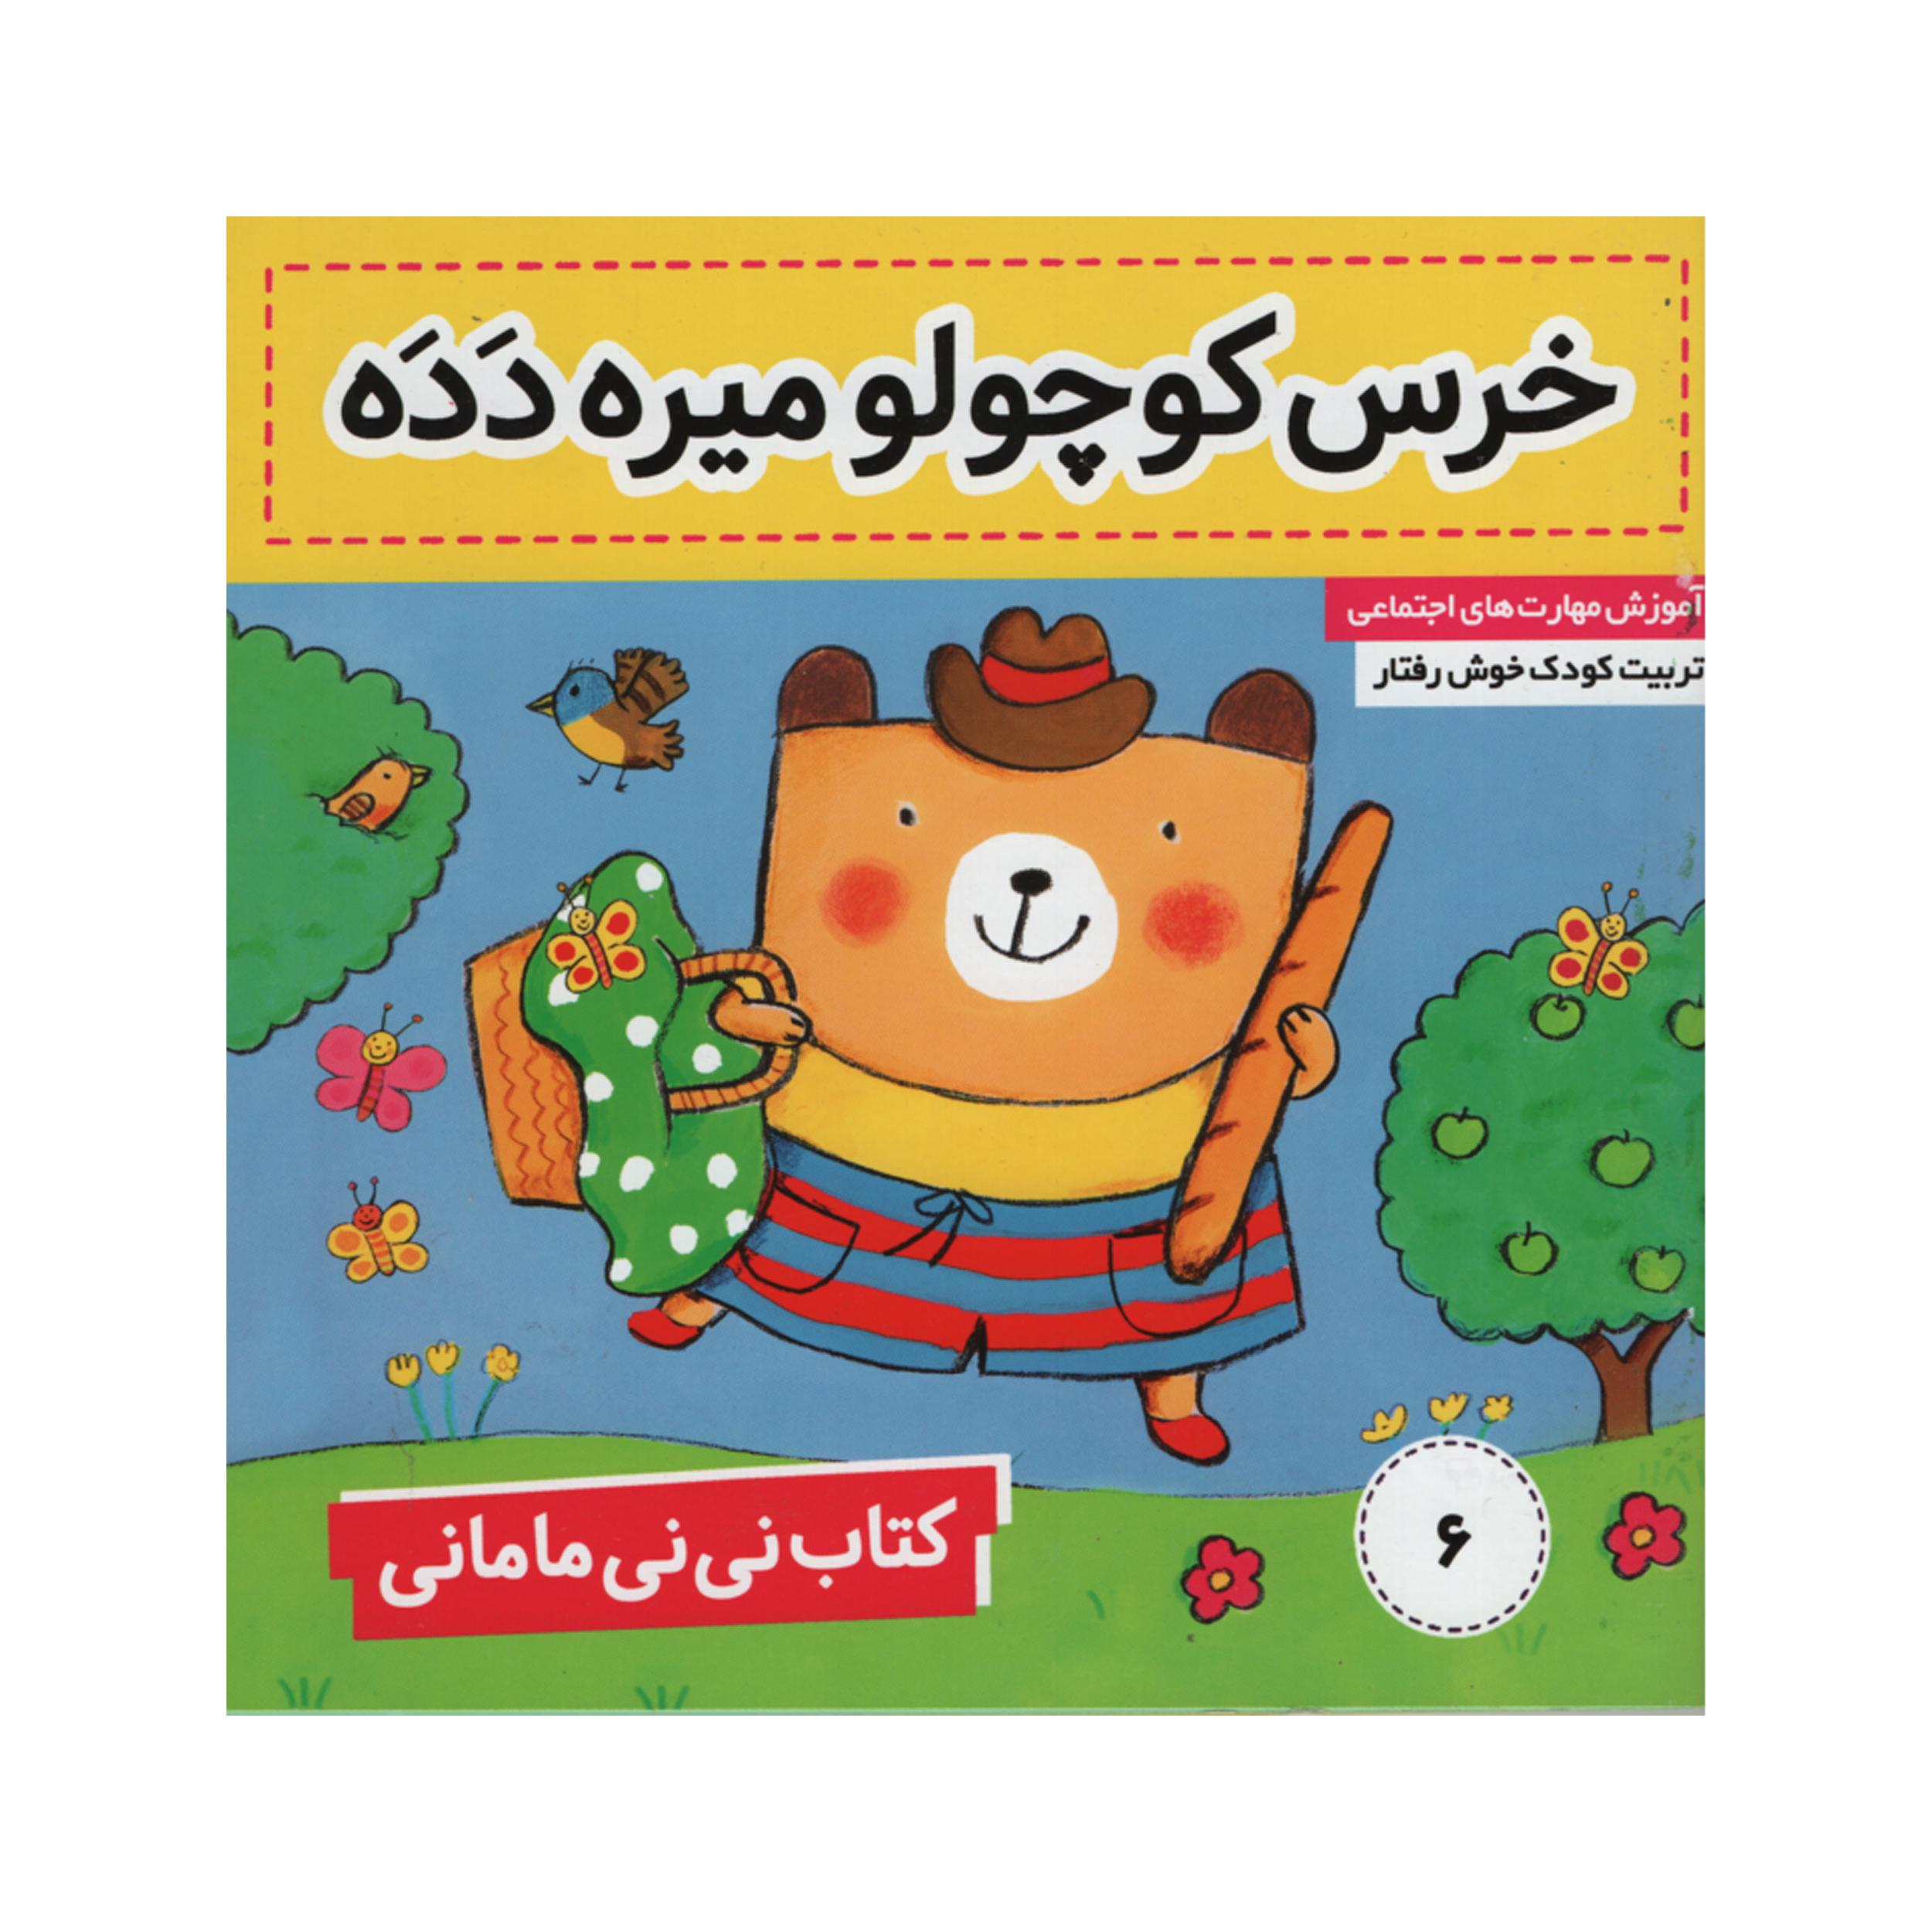 کتاب چاپی,کتاب چاپی انتشارات فرهنگ و هنر